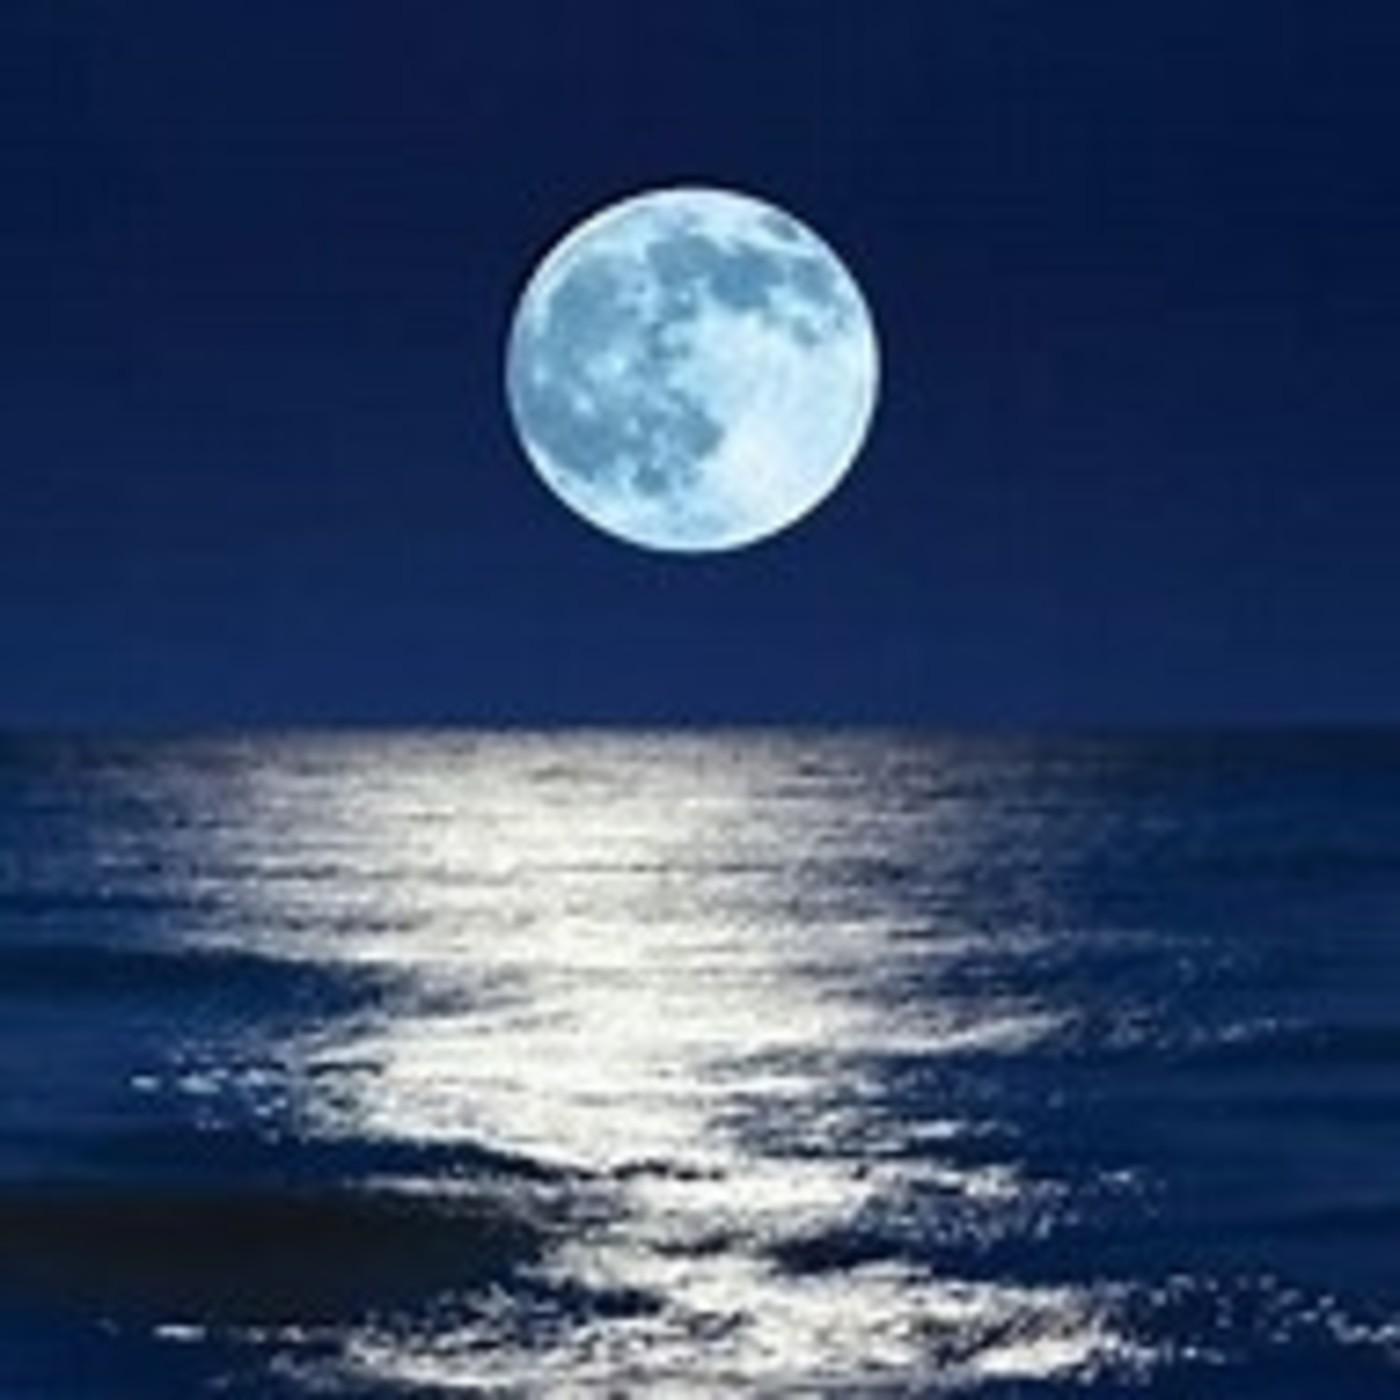 4. Meditación guiada para dormir bien con música Mindfulness, relajante para aliviar el estrés.